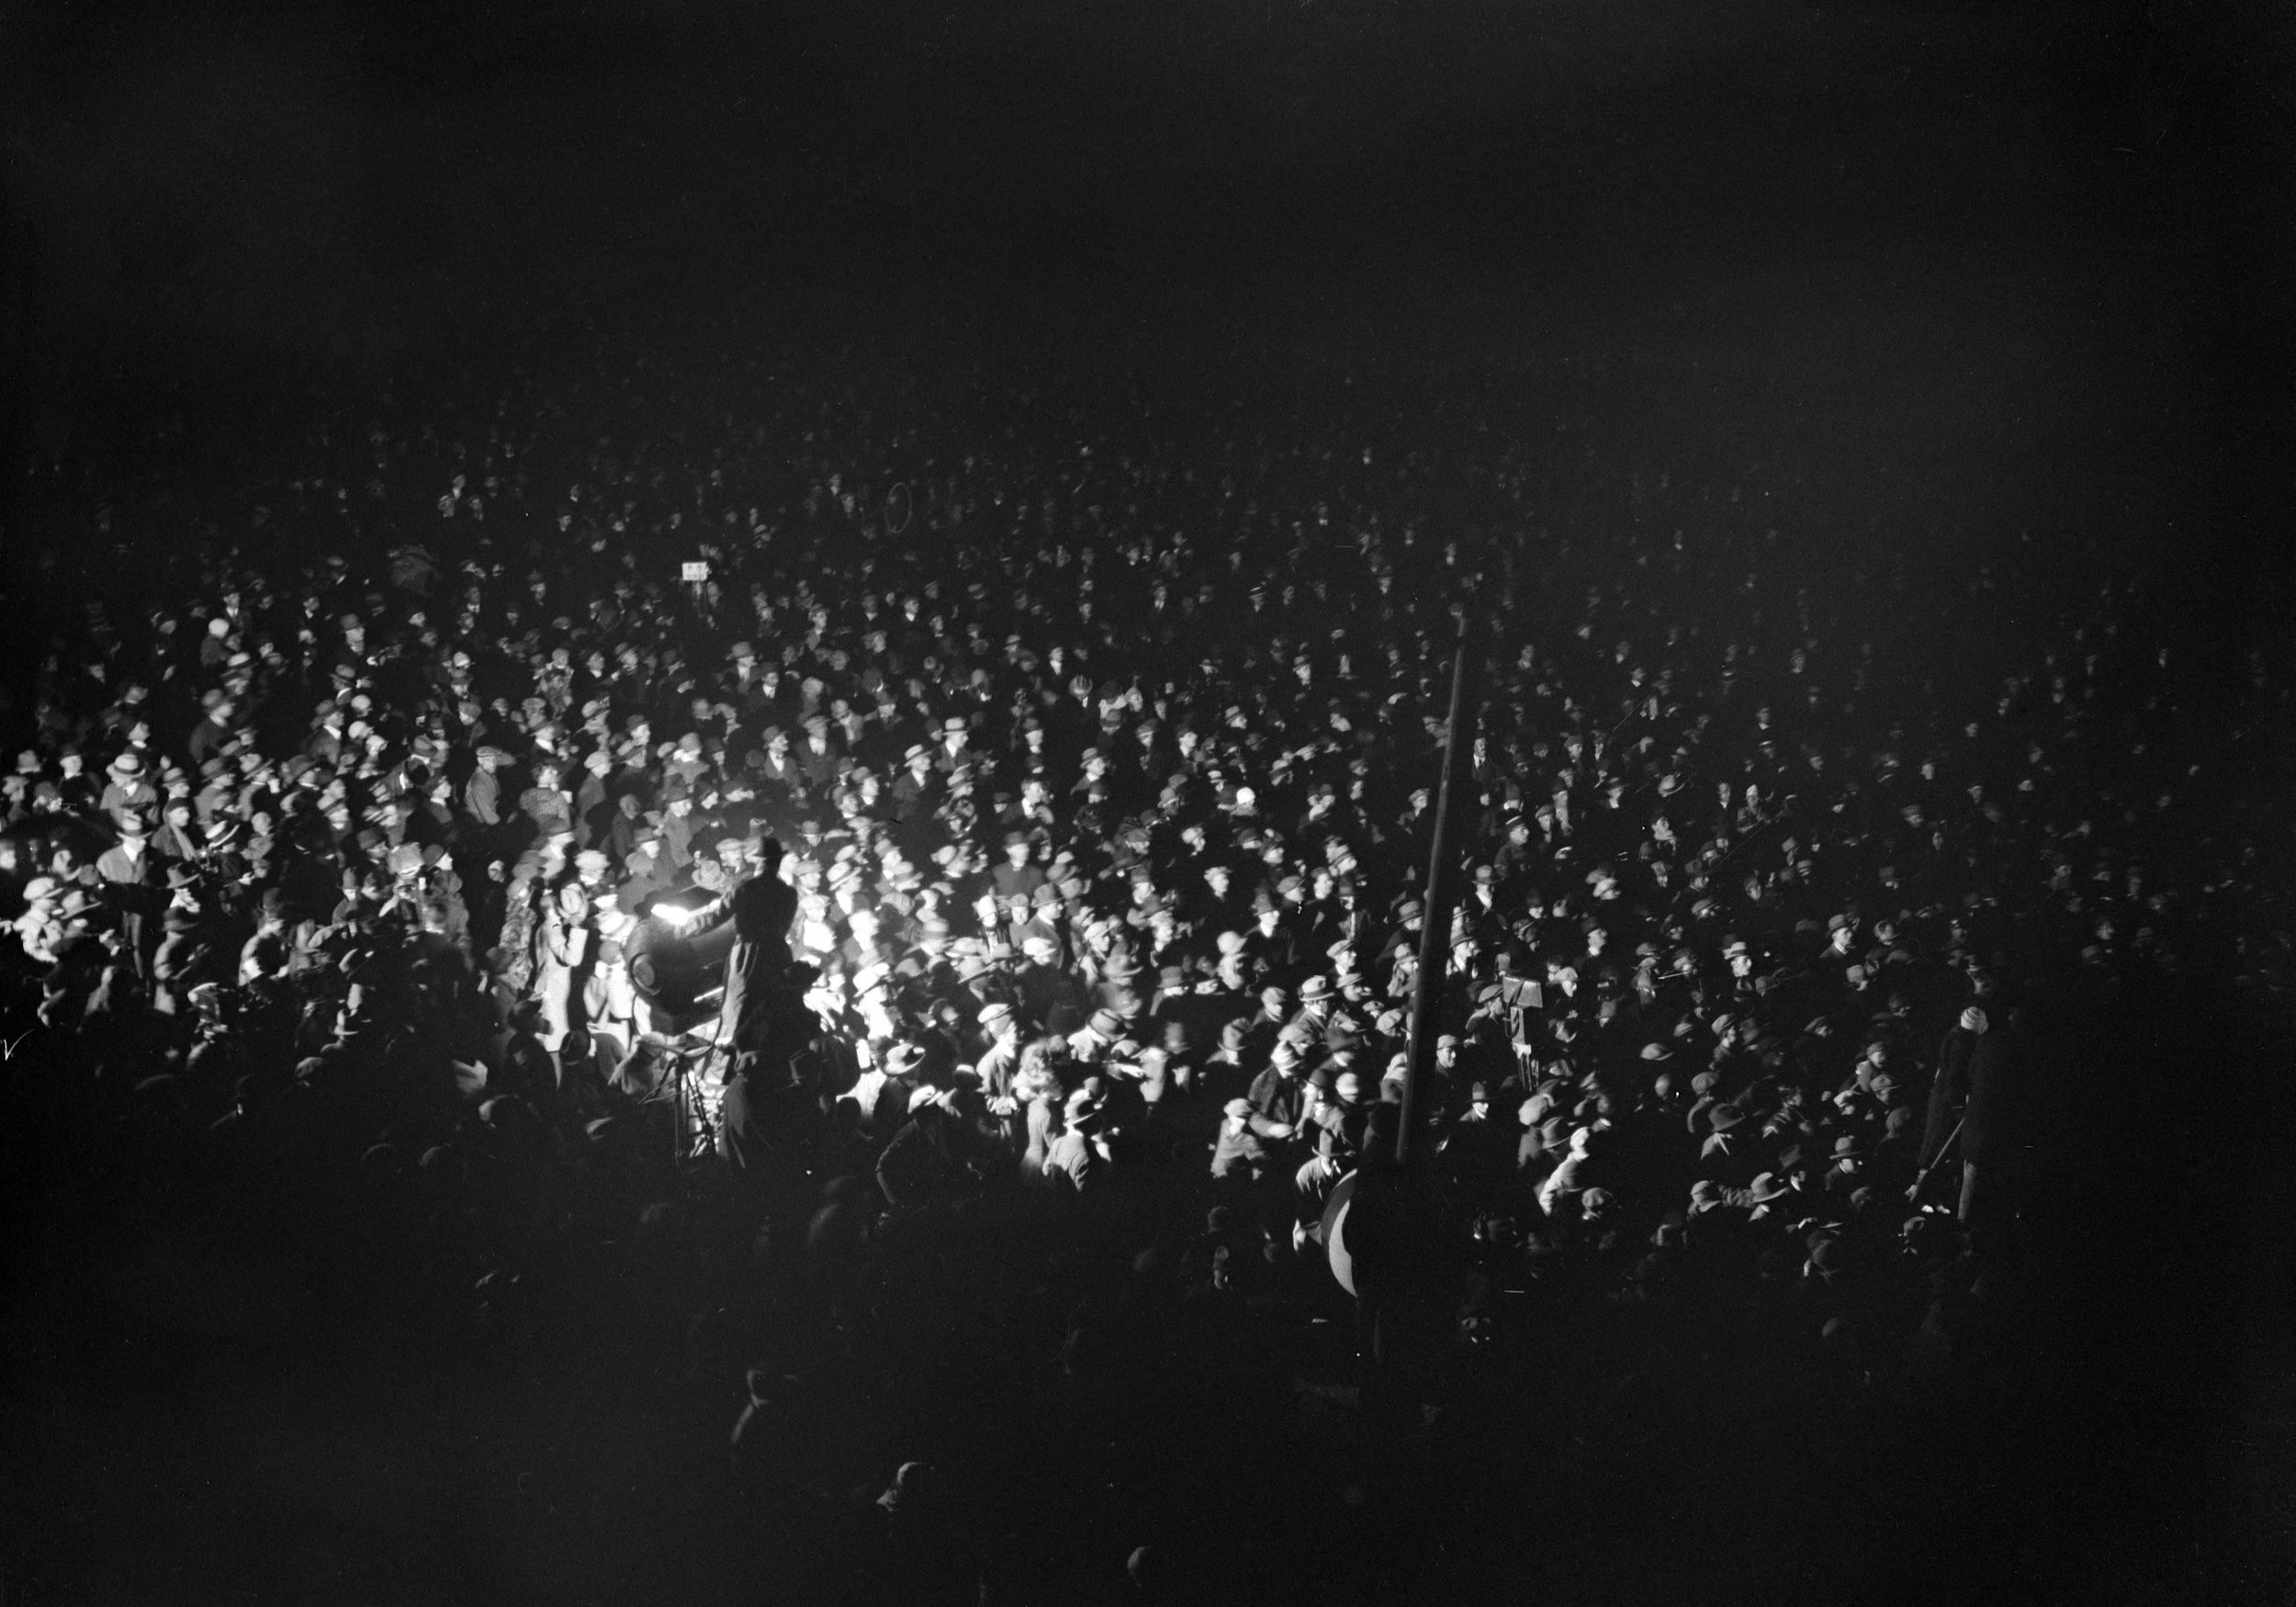 """Thérèse Bonney, """"Arrivée au Bourget de Charles Lindbergh après sa traversée de l'Atlantique,"""" 21 May 1927 (Bibliothèque Historique de la Ville de Paris)."""